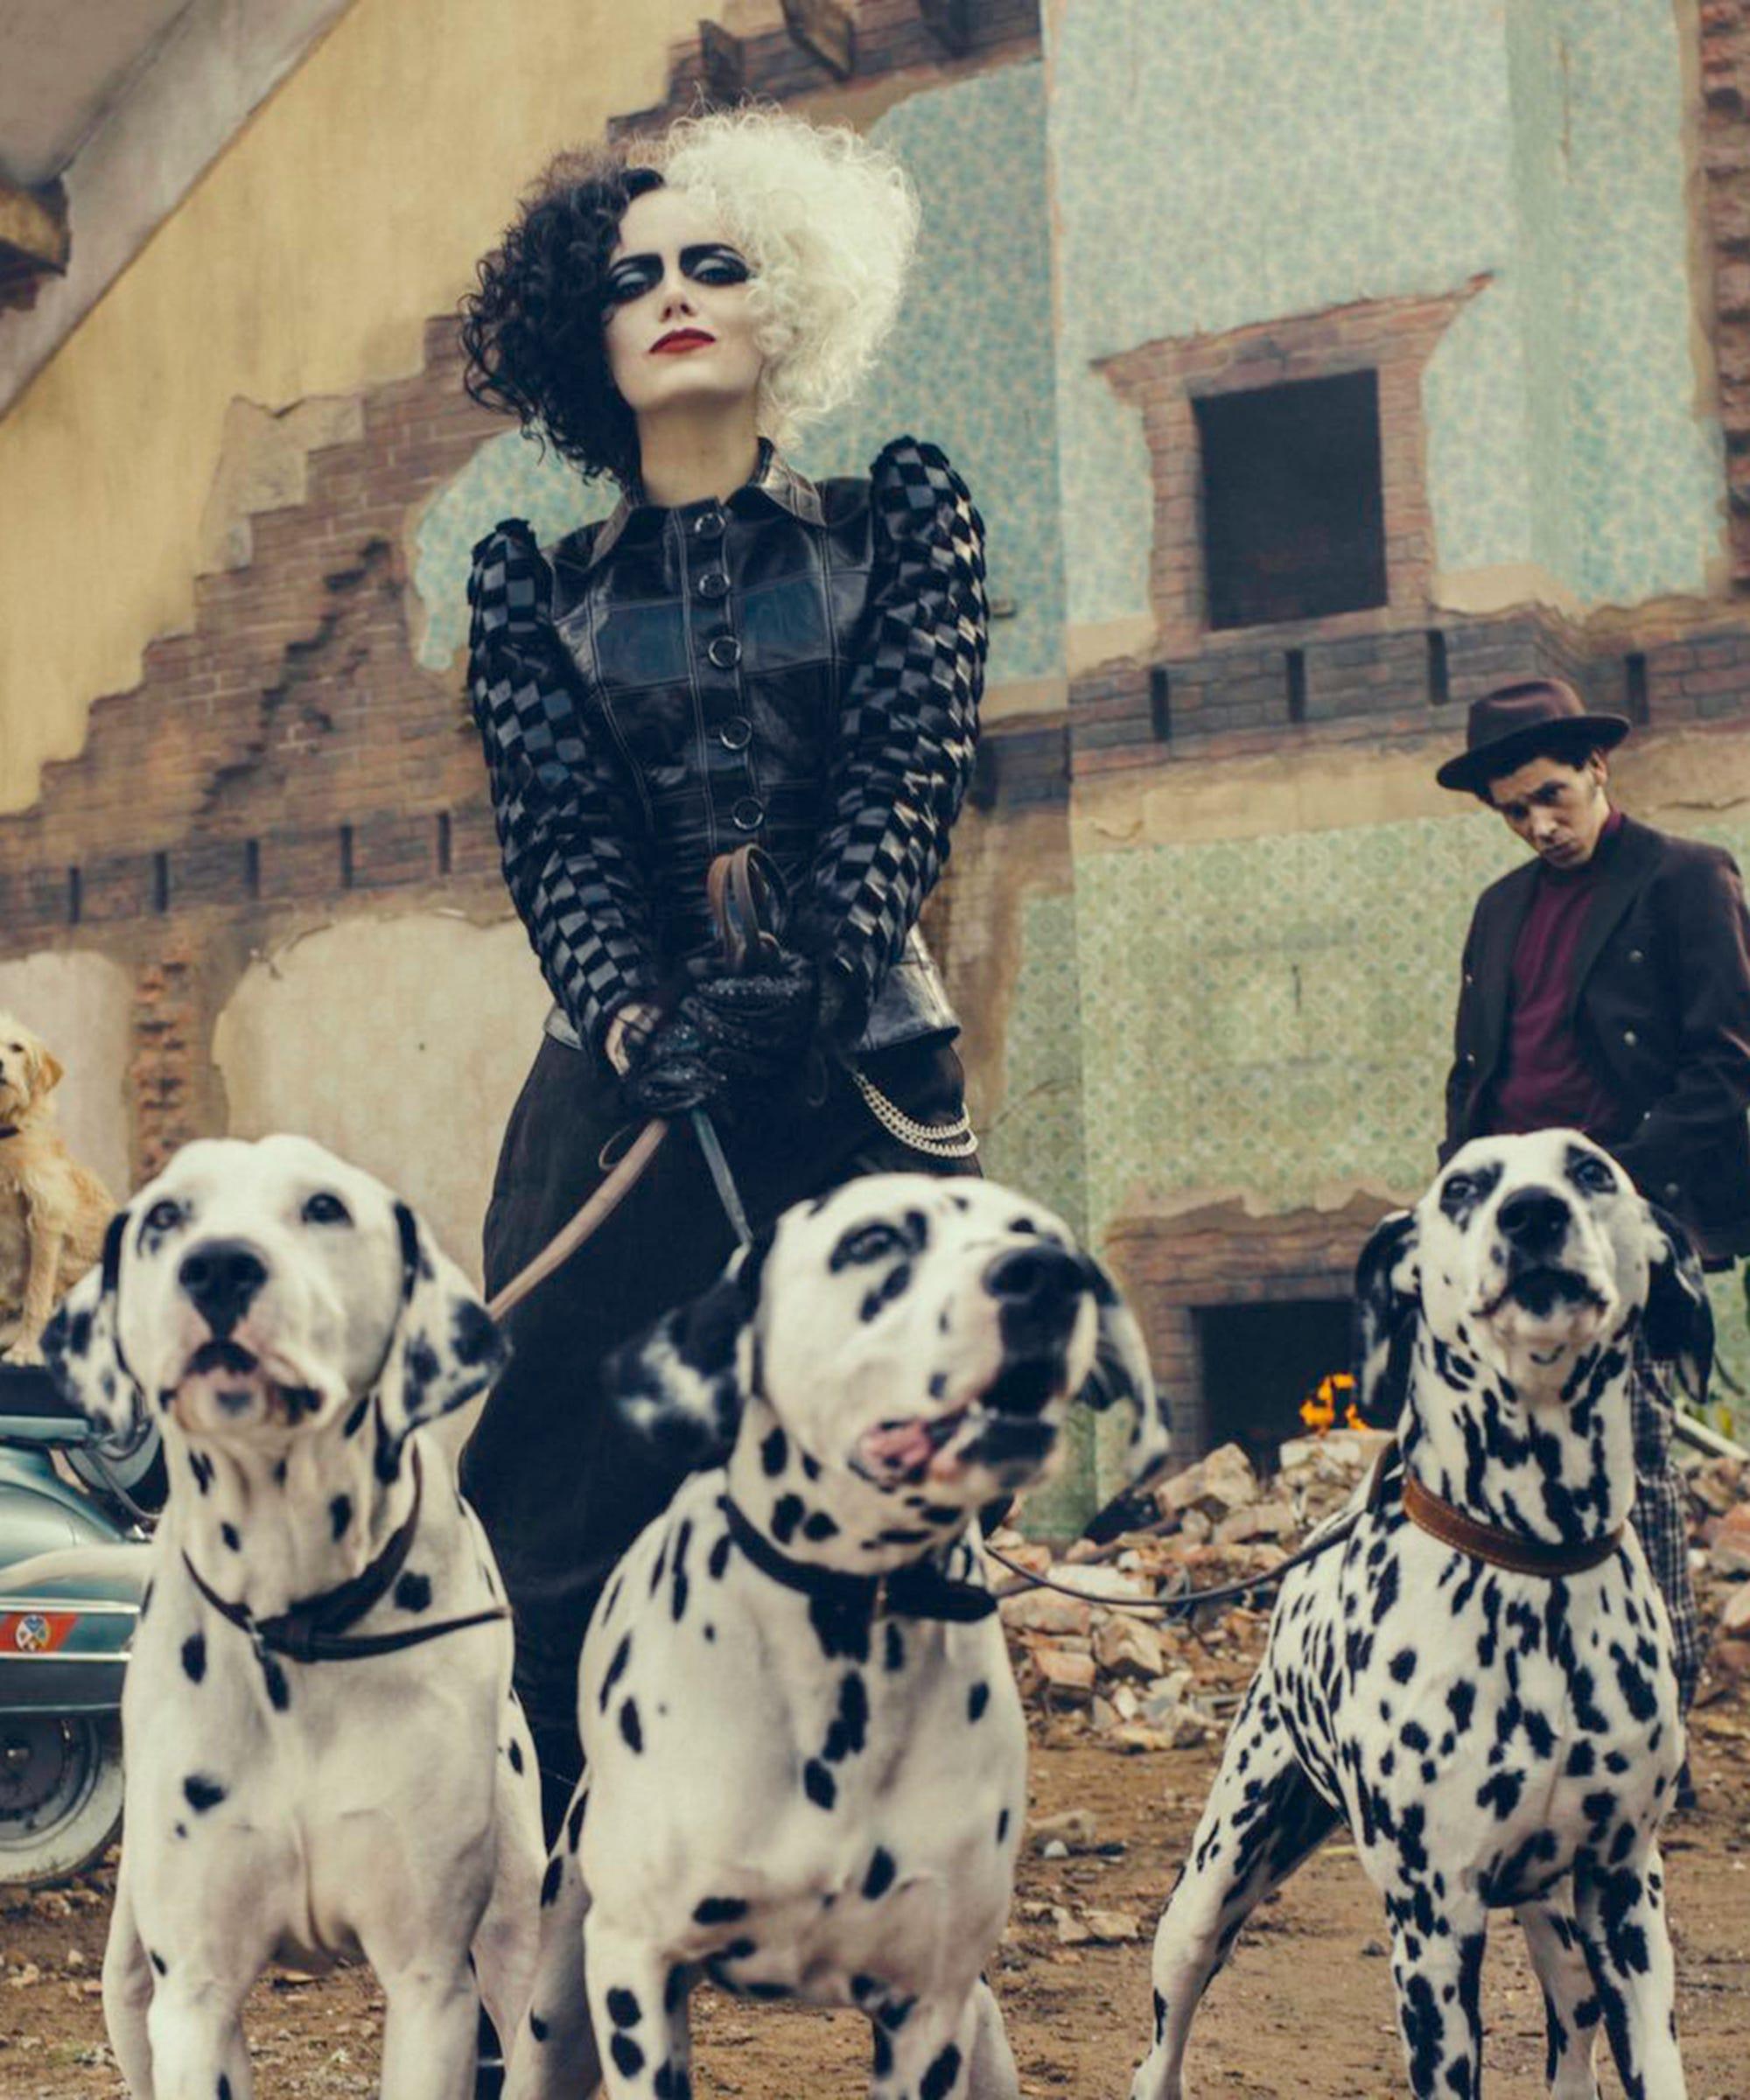 Emma Stone's Punk Cruella De Vil Is The Big Villain Energy We All Need